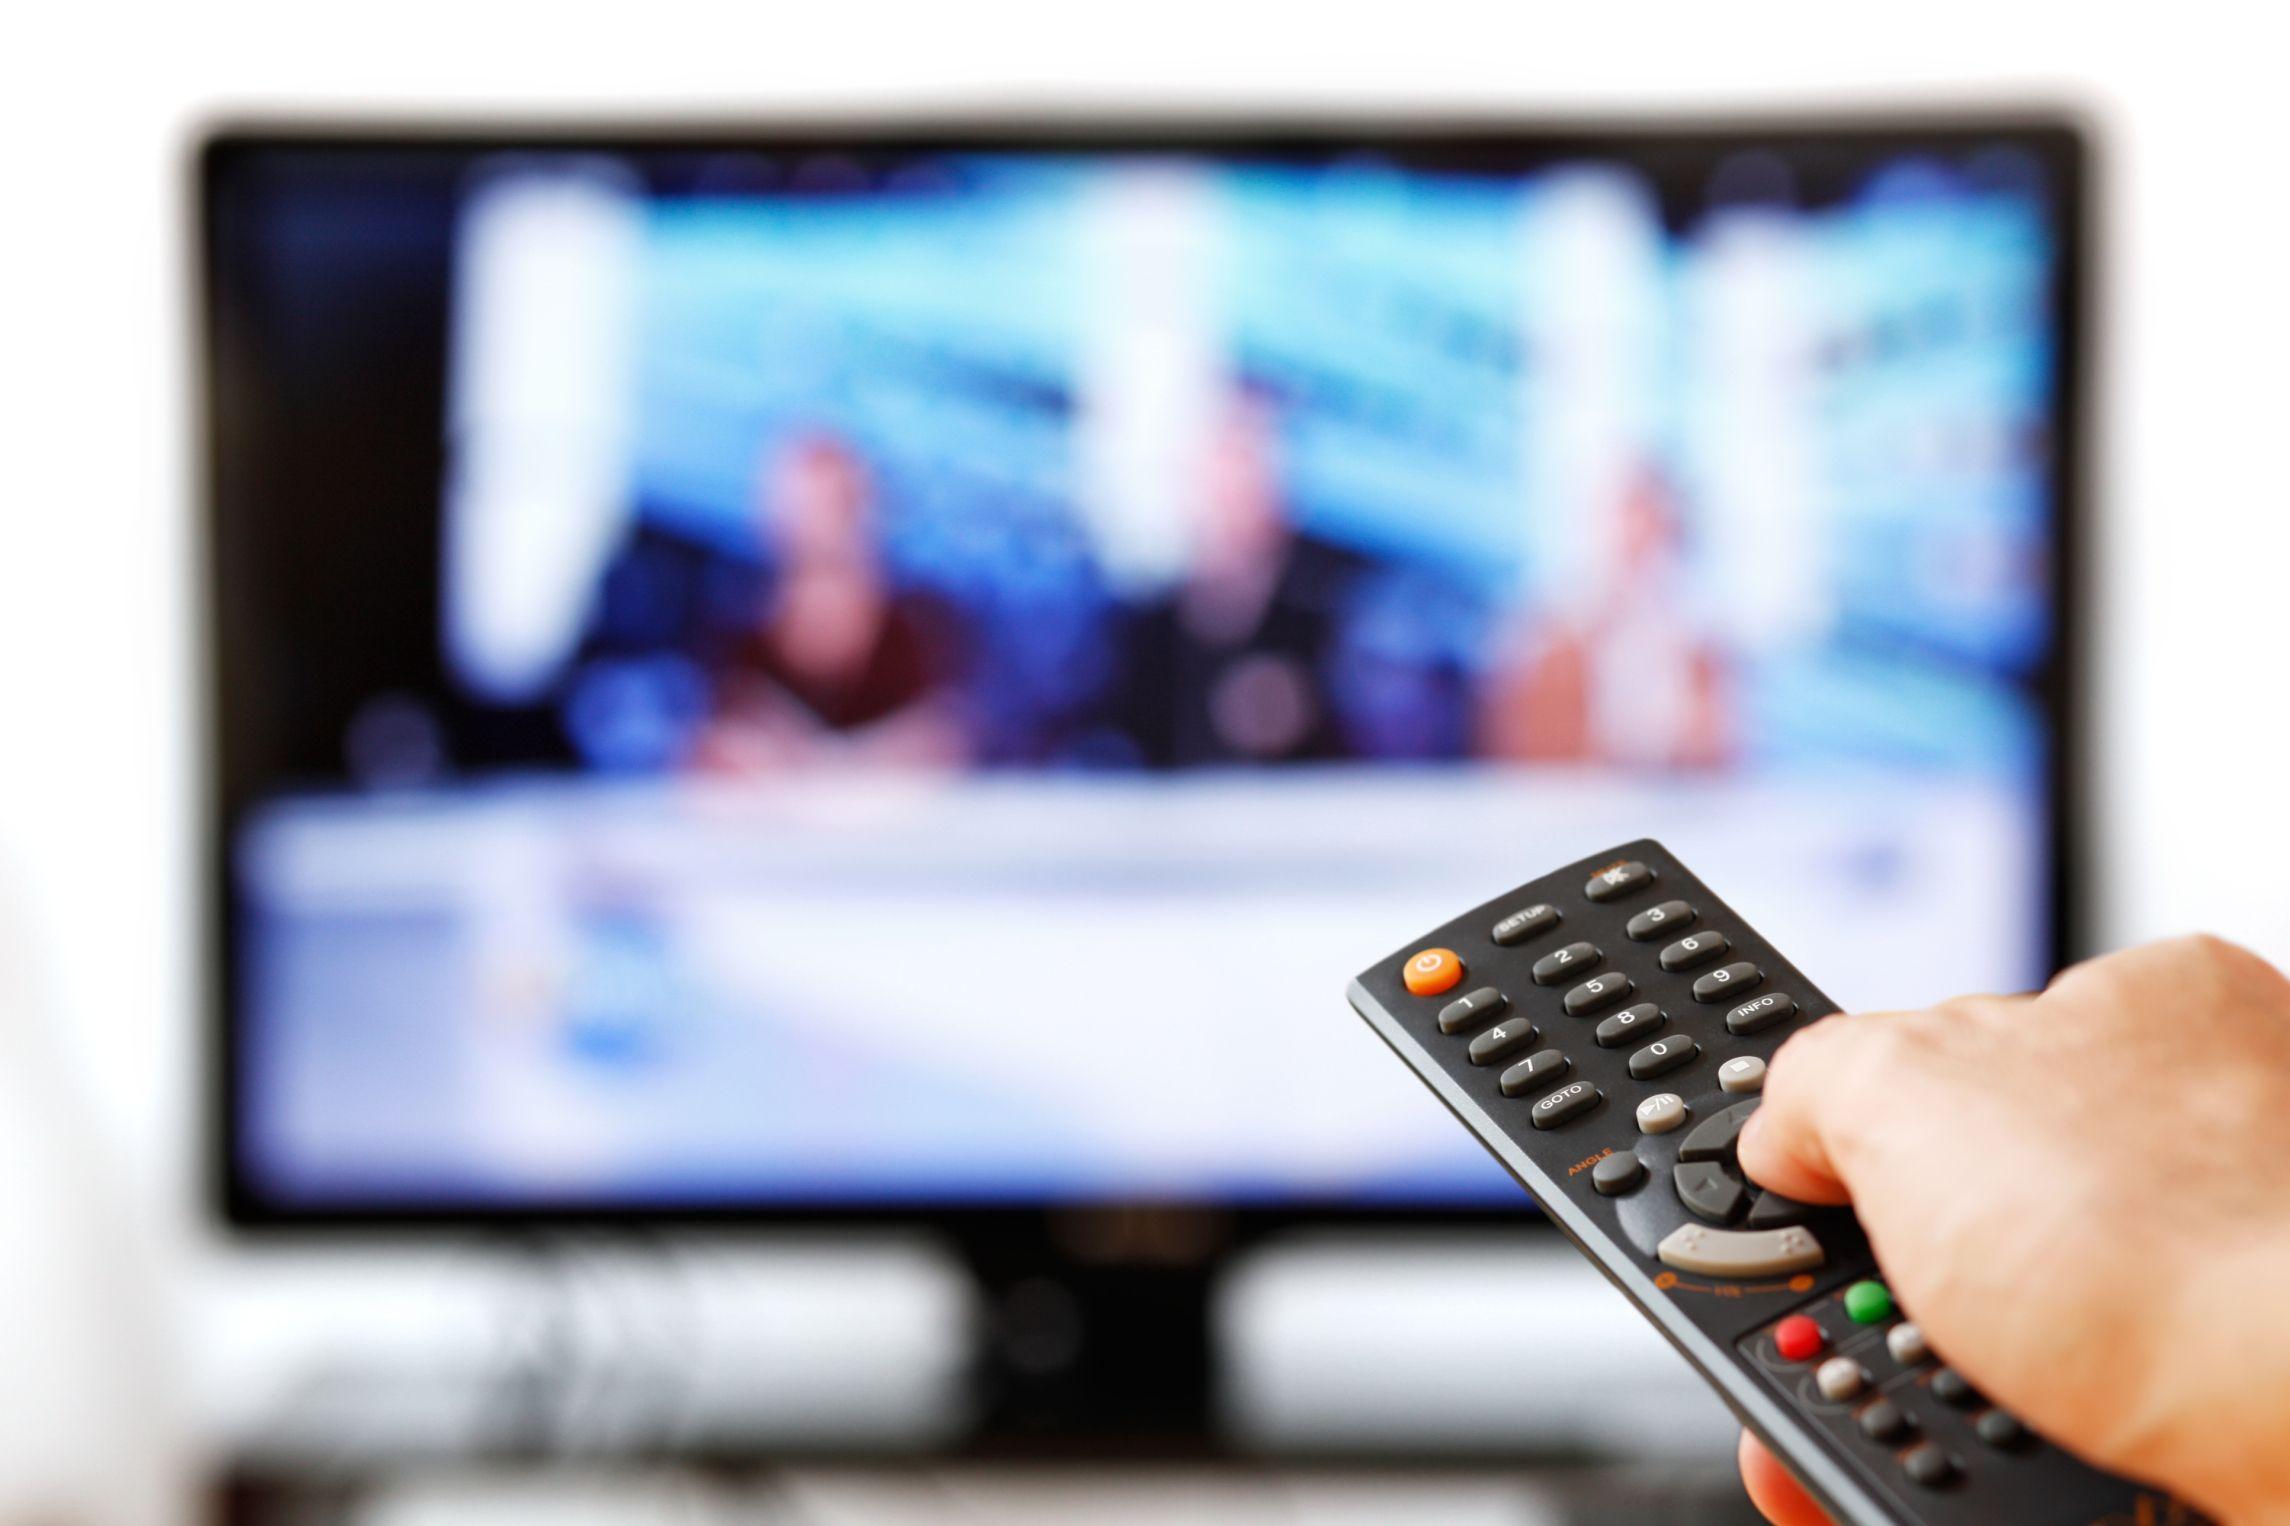 Mirar mucha televisión puede causar esterilidad masculina